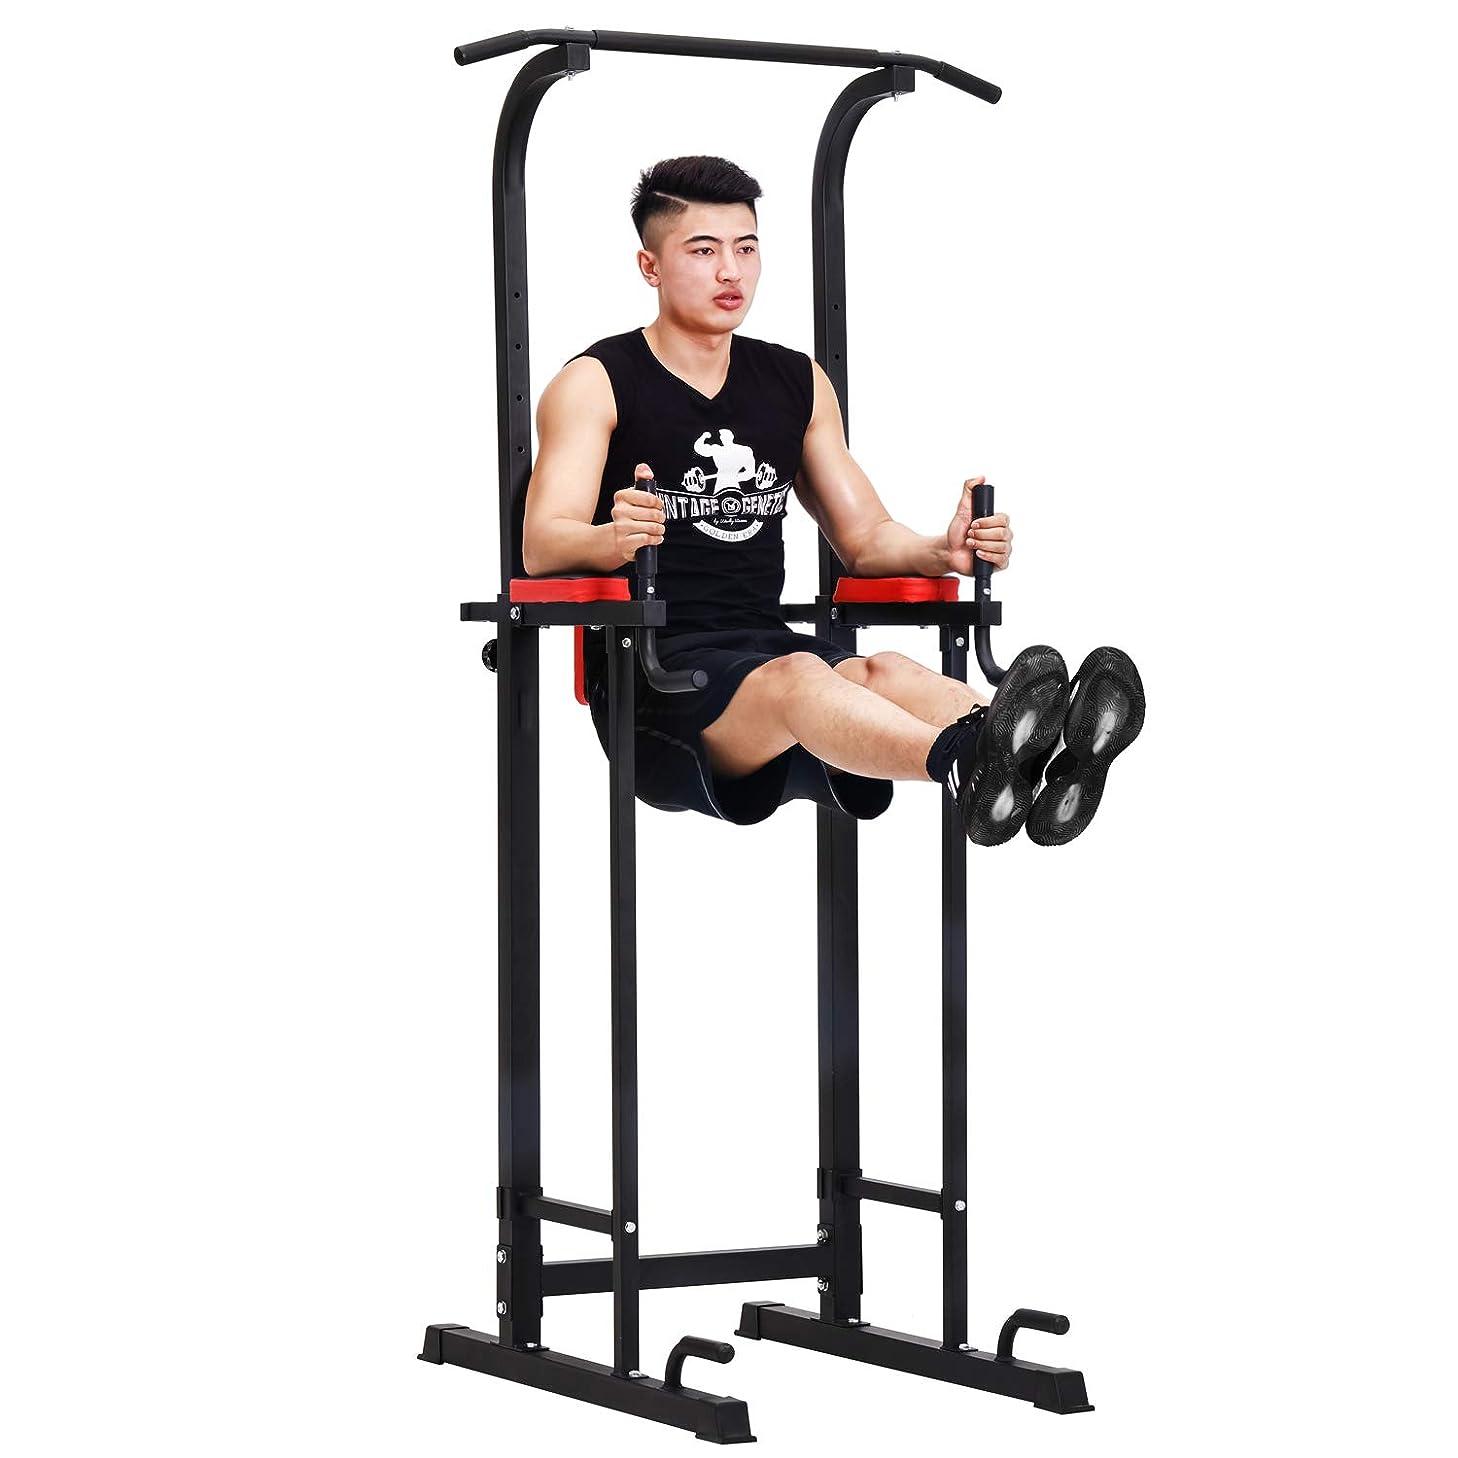 綺麗な祭司試験FITMATE ぶら下がり健康器具 懸垂マシン 懸垂器具 筋力トレーニング 室内